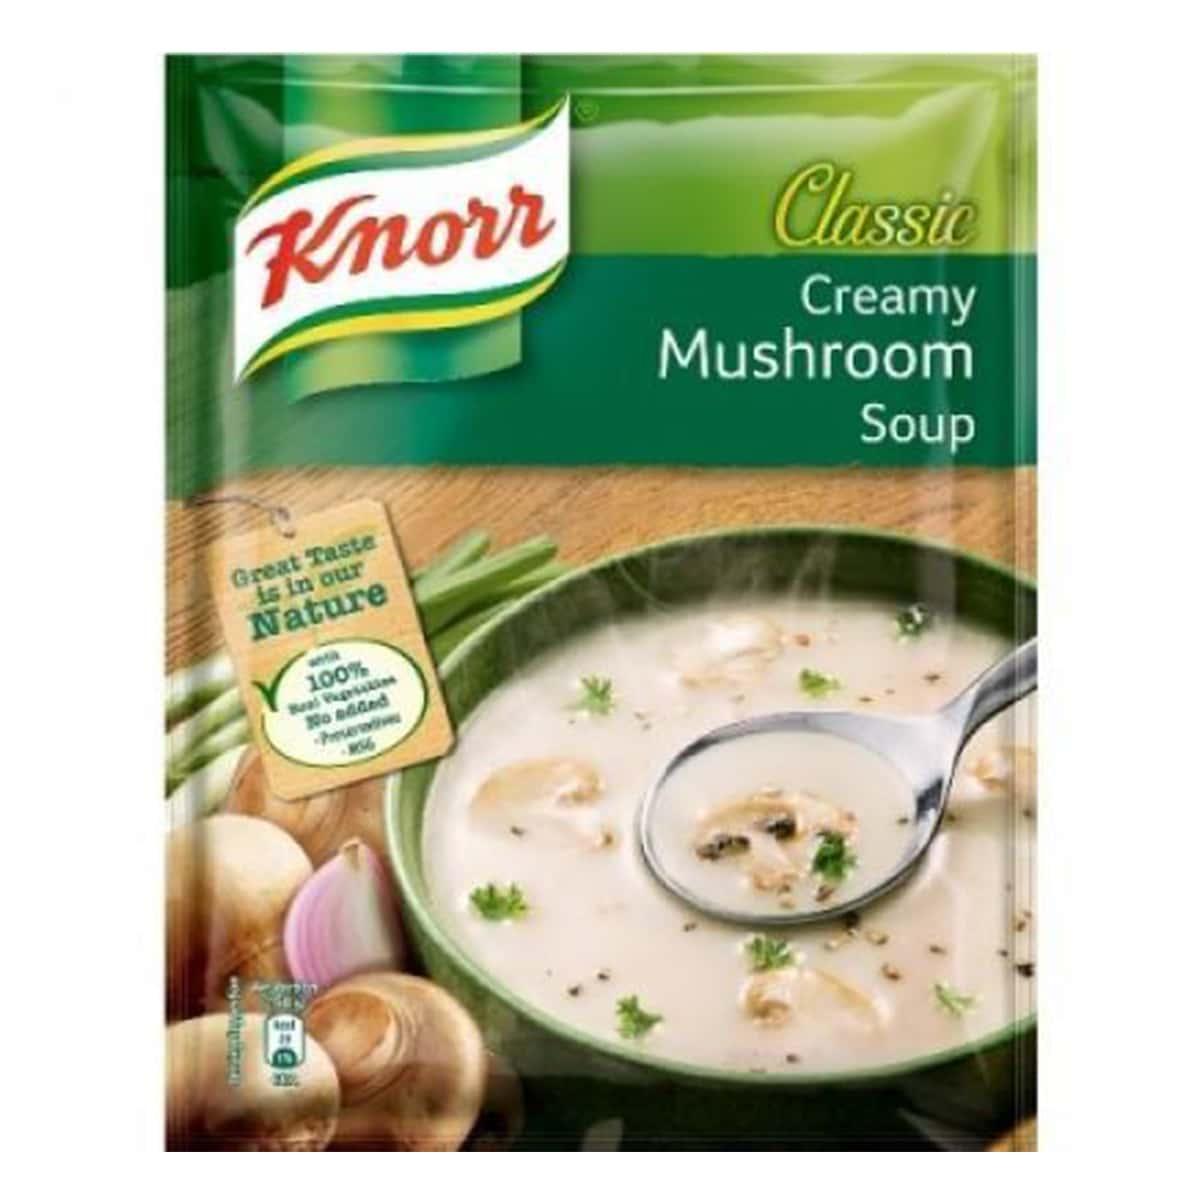 Buy Knorr Cream of Mushroom Soup - 50 gm